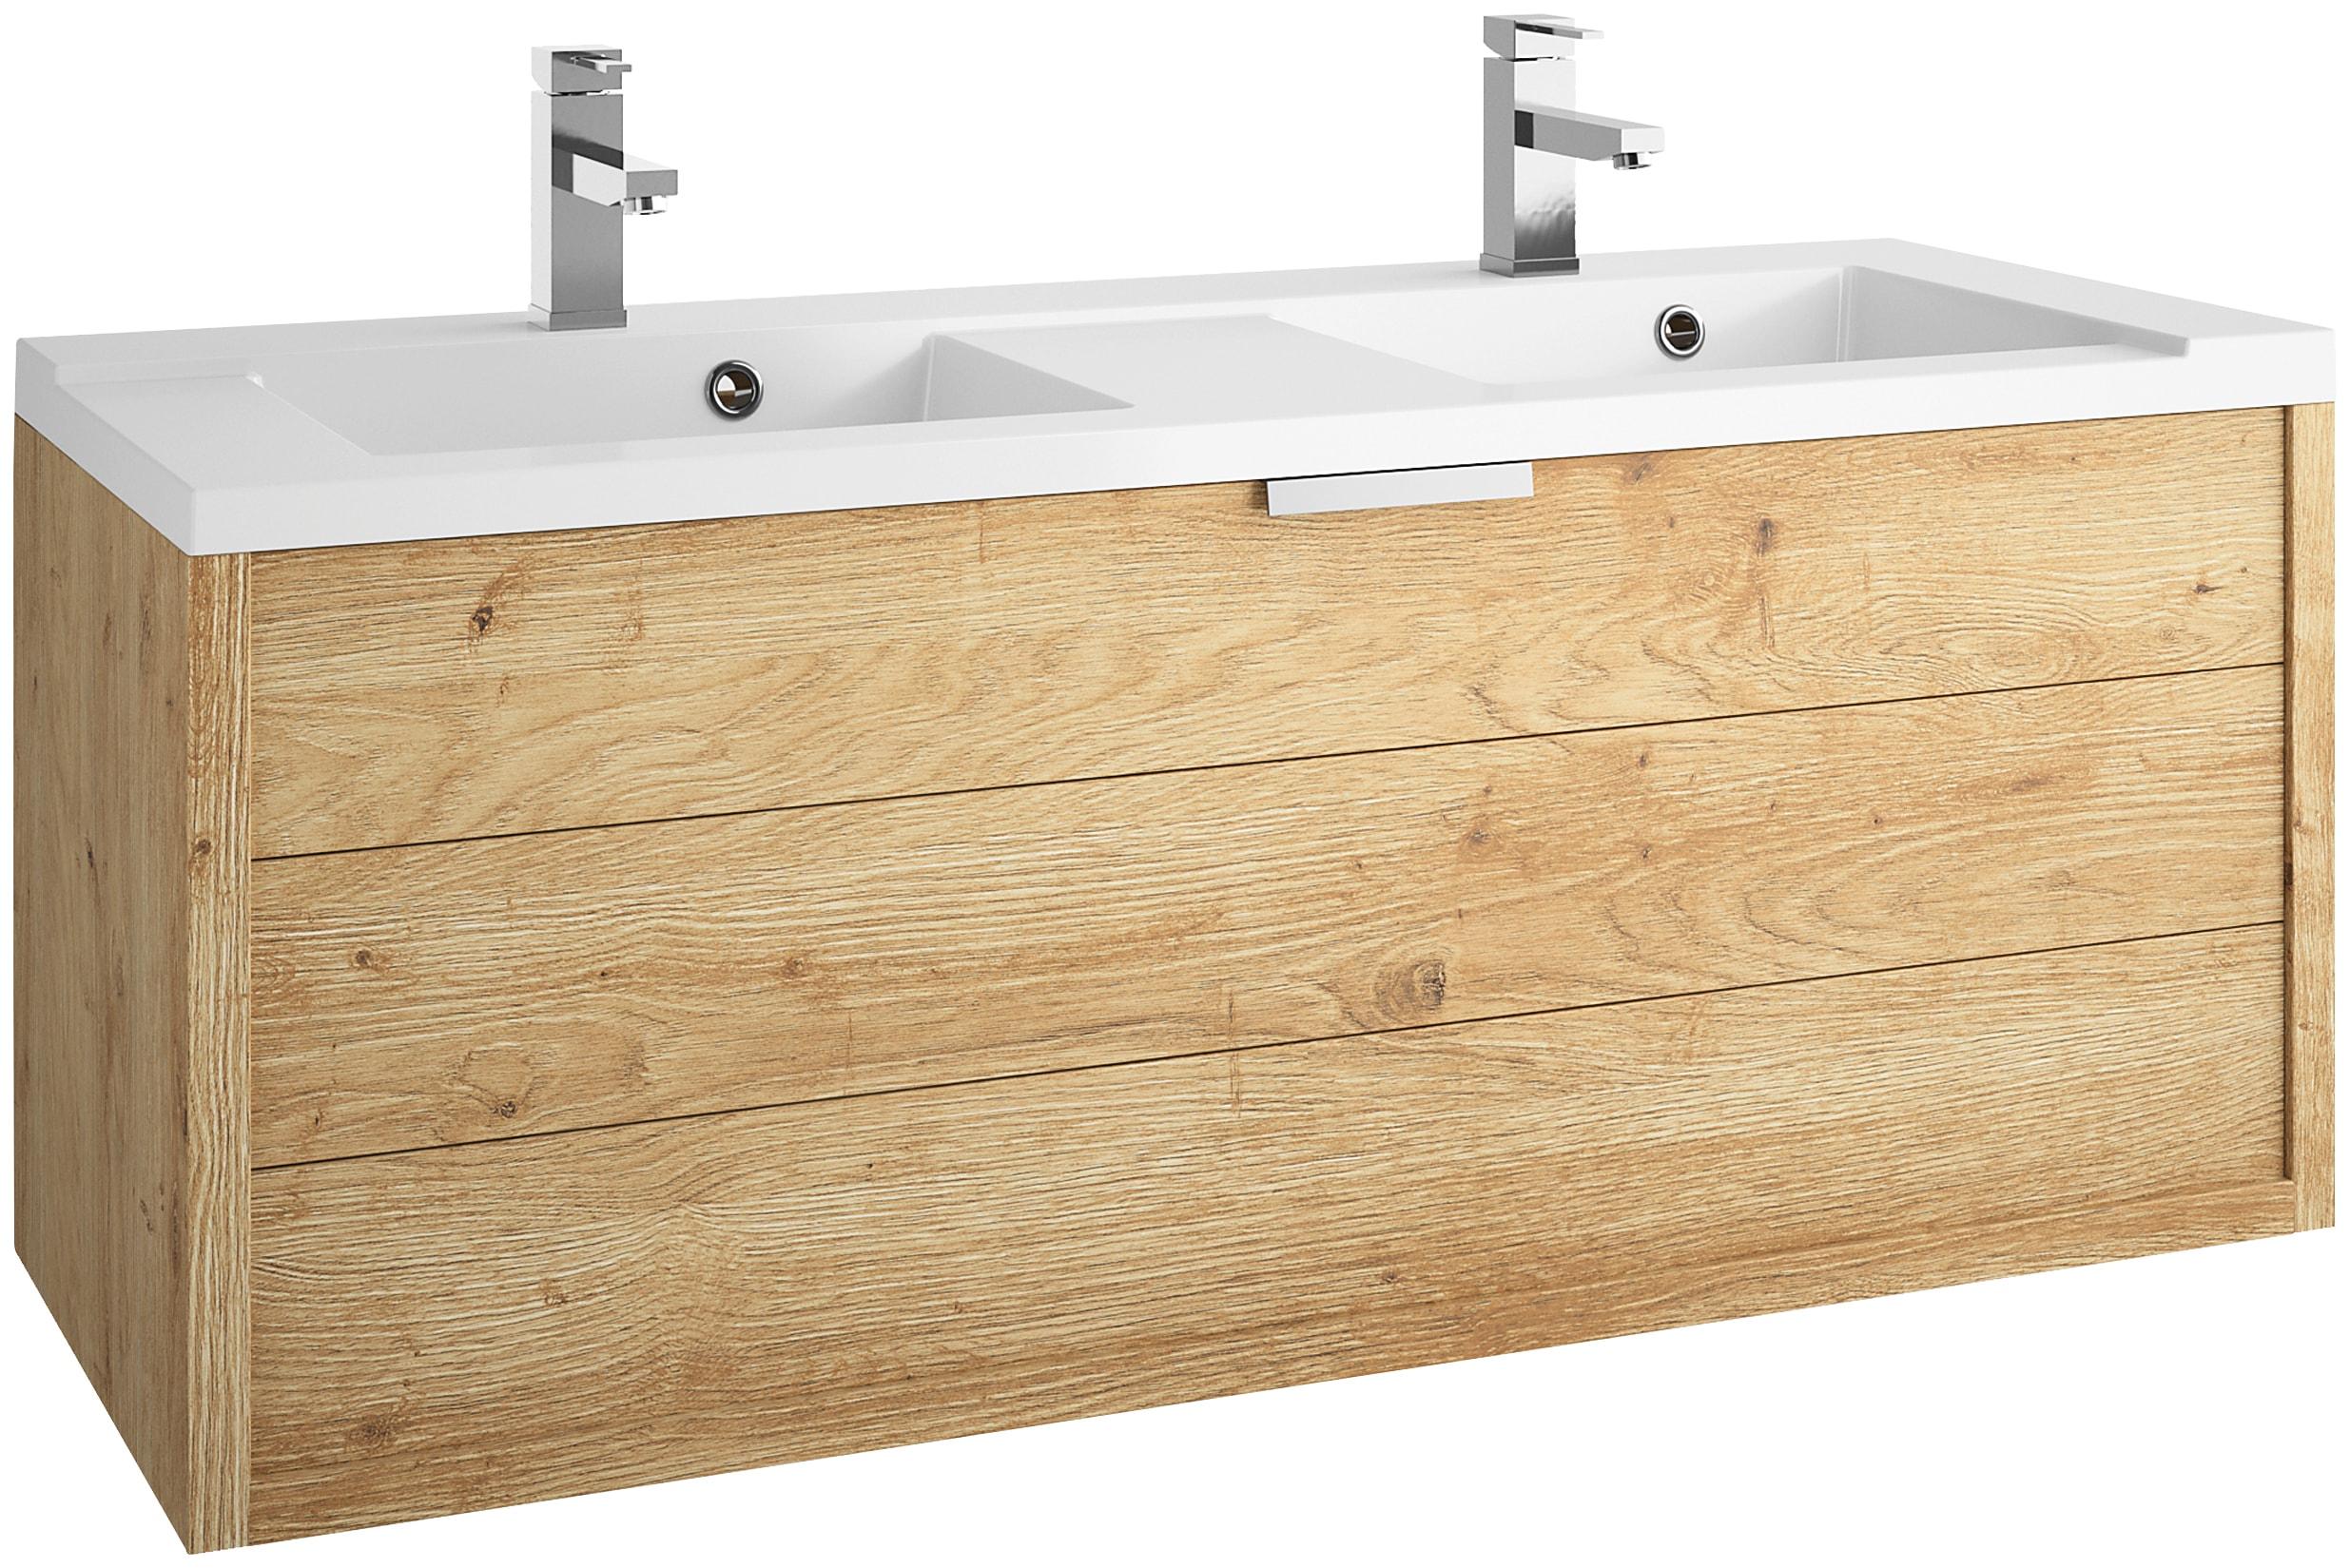 allibert waschtisch palermo doppelwaschbecken